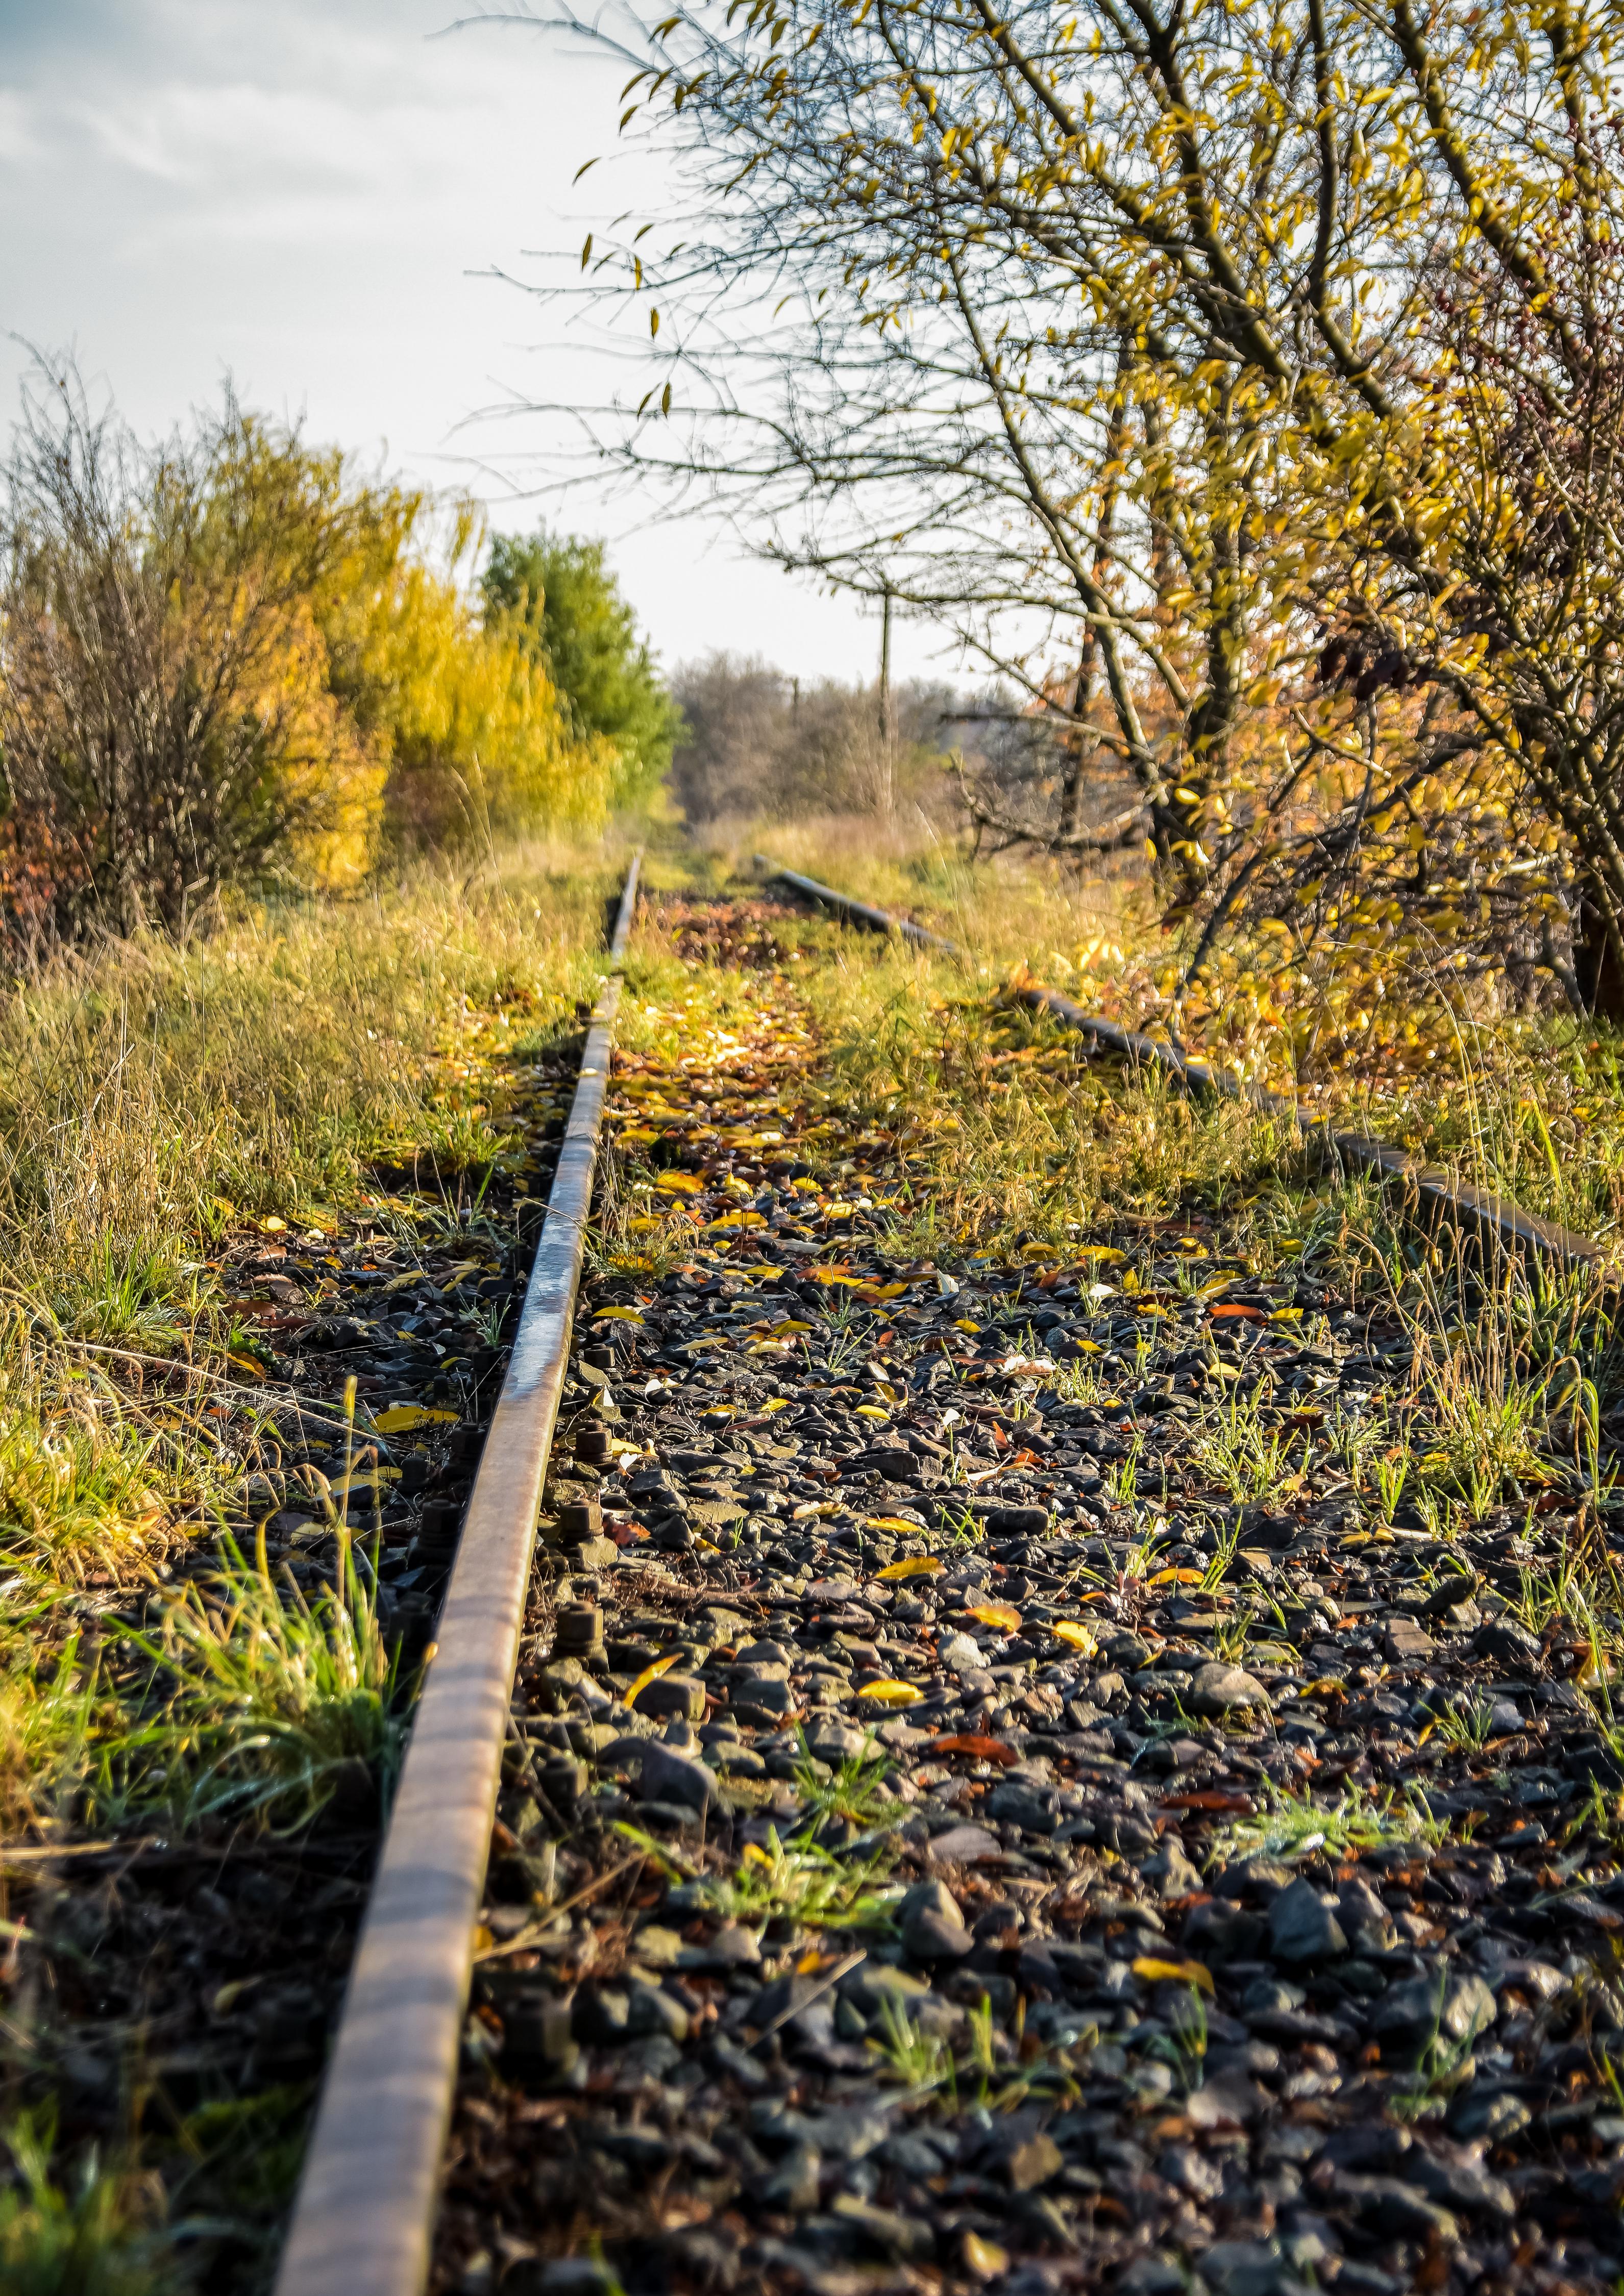 Linia kolejowa nr 363 Rokietnica – Międzychód. Tory porośnięte trawą i drzewami